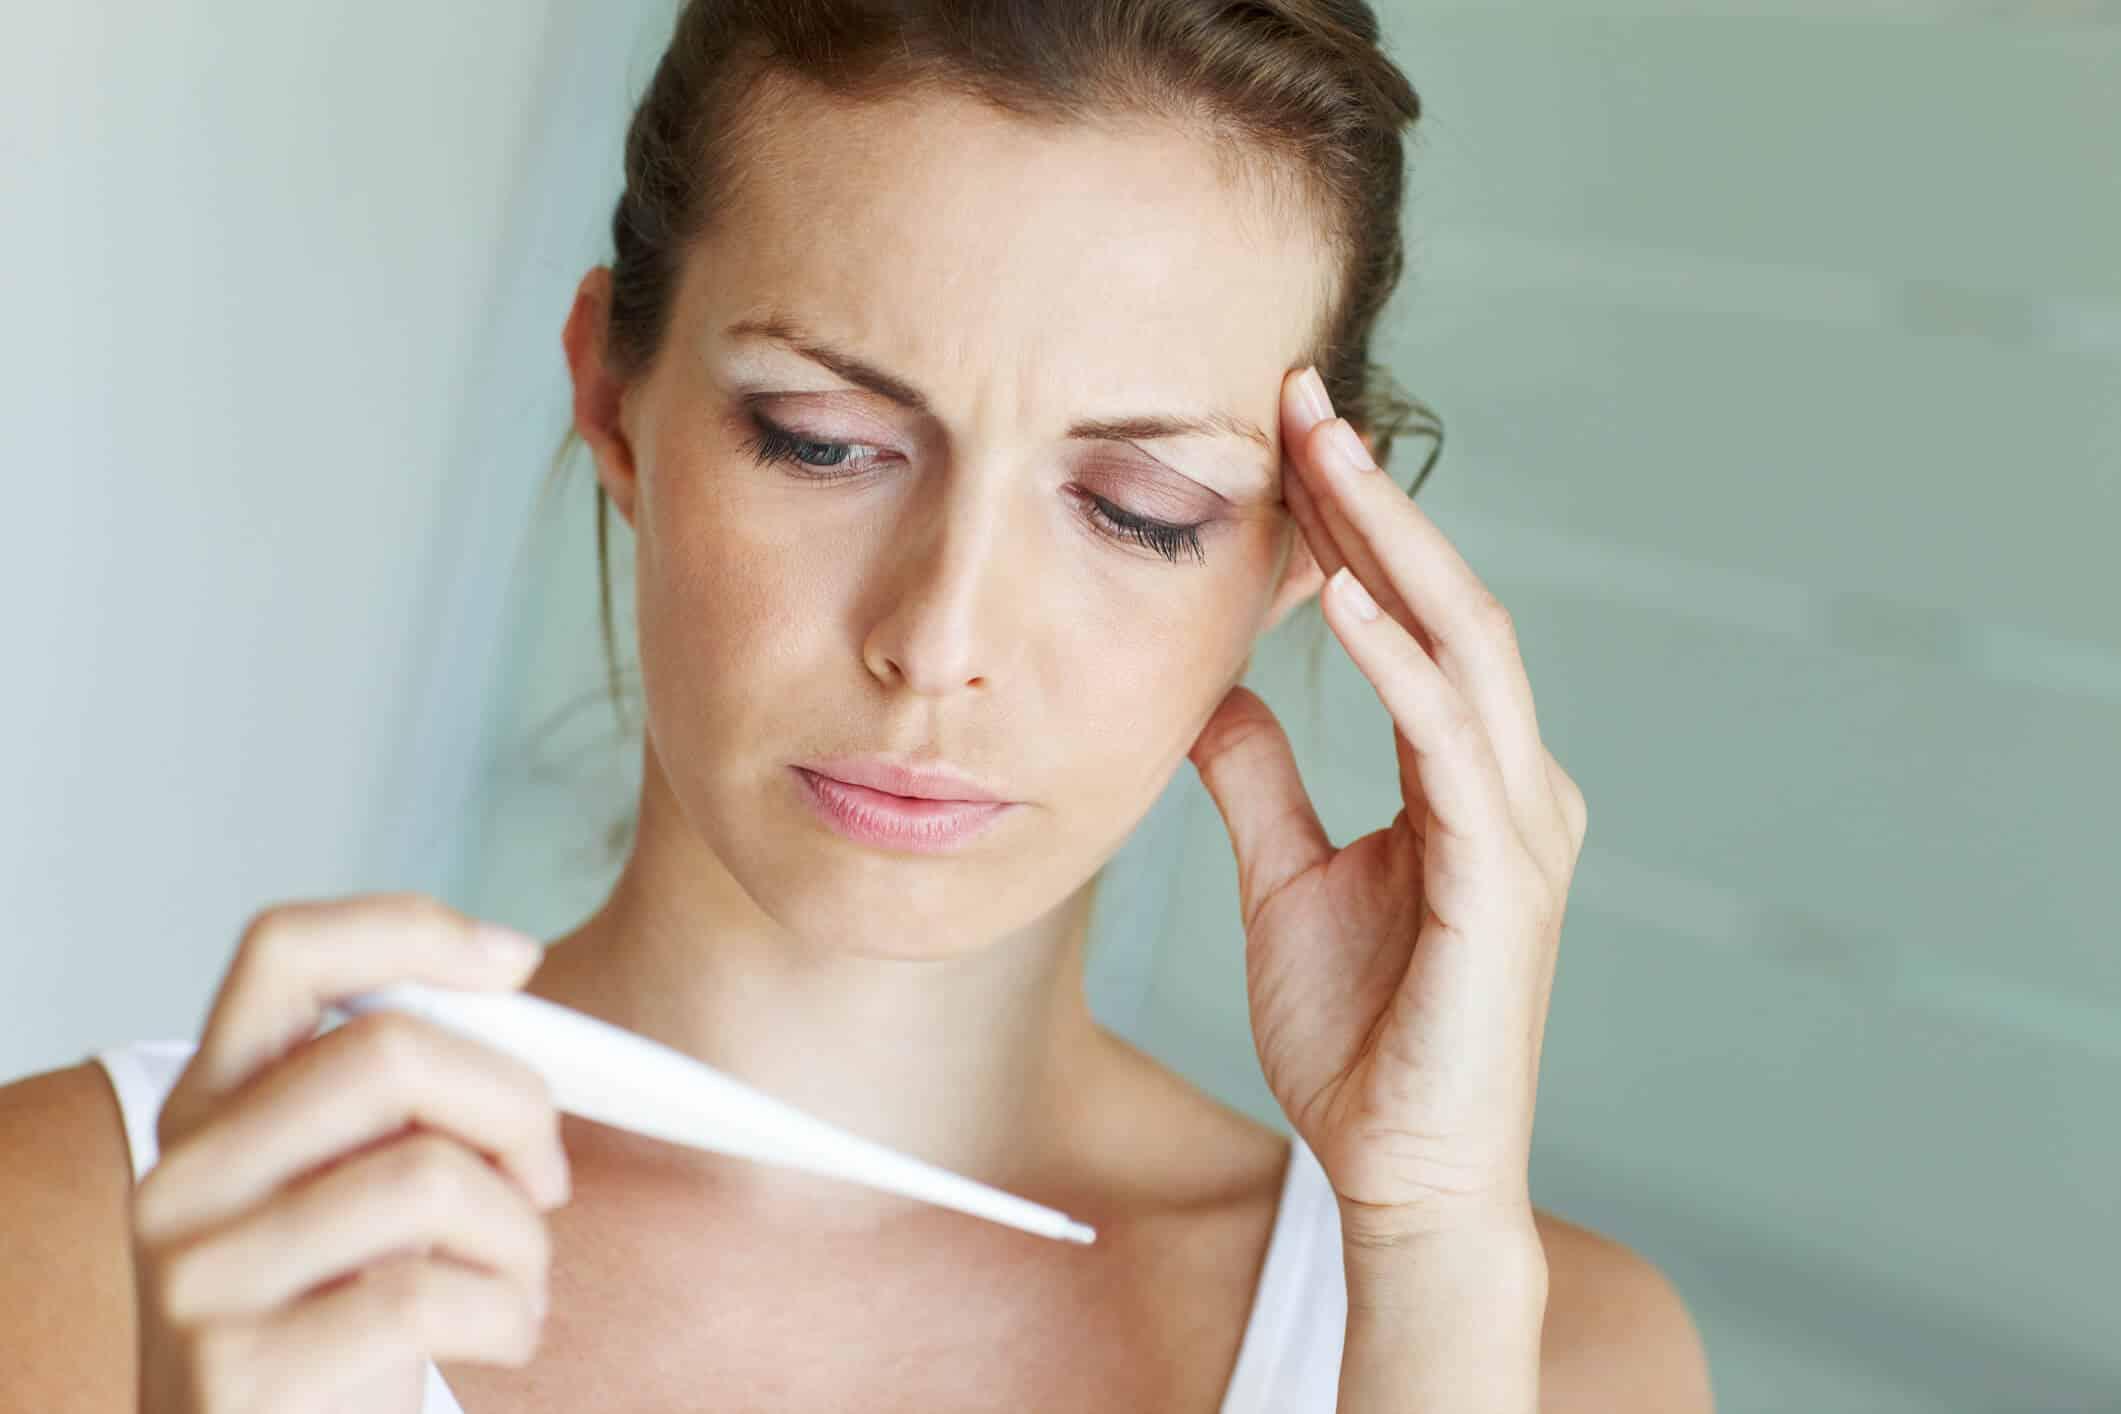 Mulher branca e jovem com a mão na cabela confere a temperatura de um termômetro digital | complicações pós-cirúrgicas